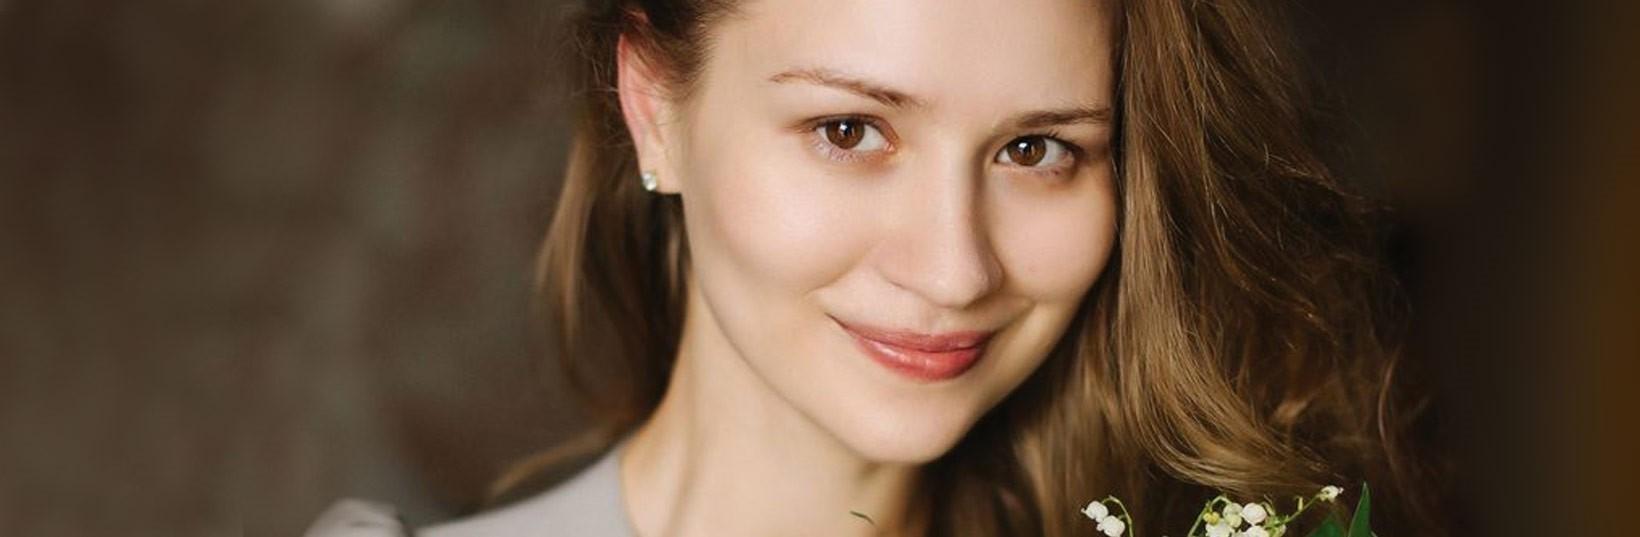 Канал «Україна» покаже прем'єру серіалу «На самій межі»